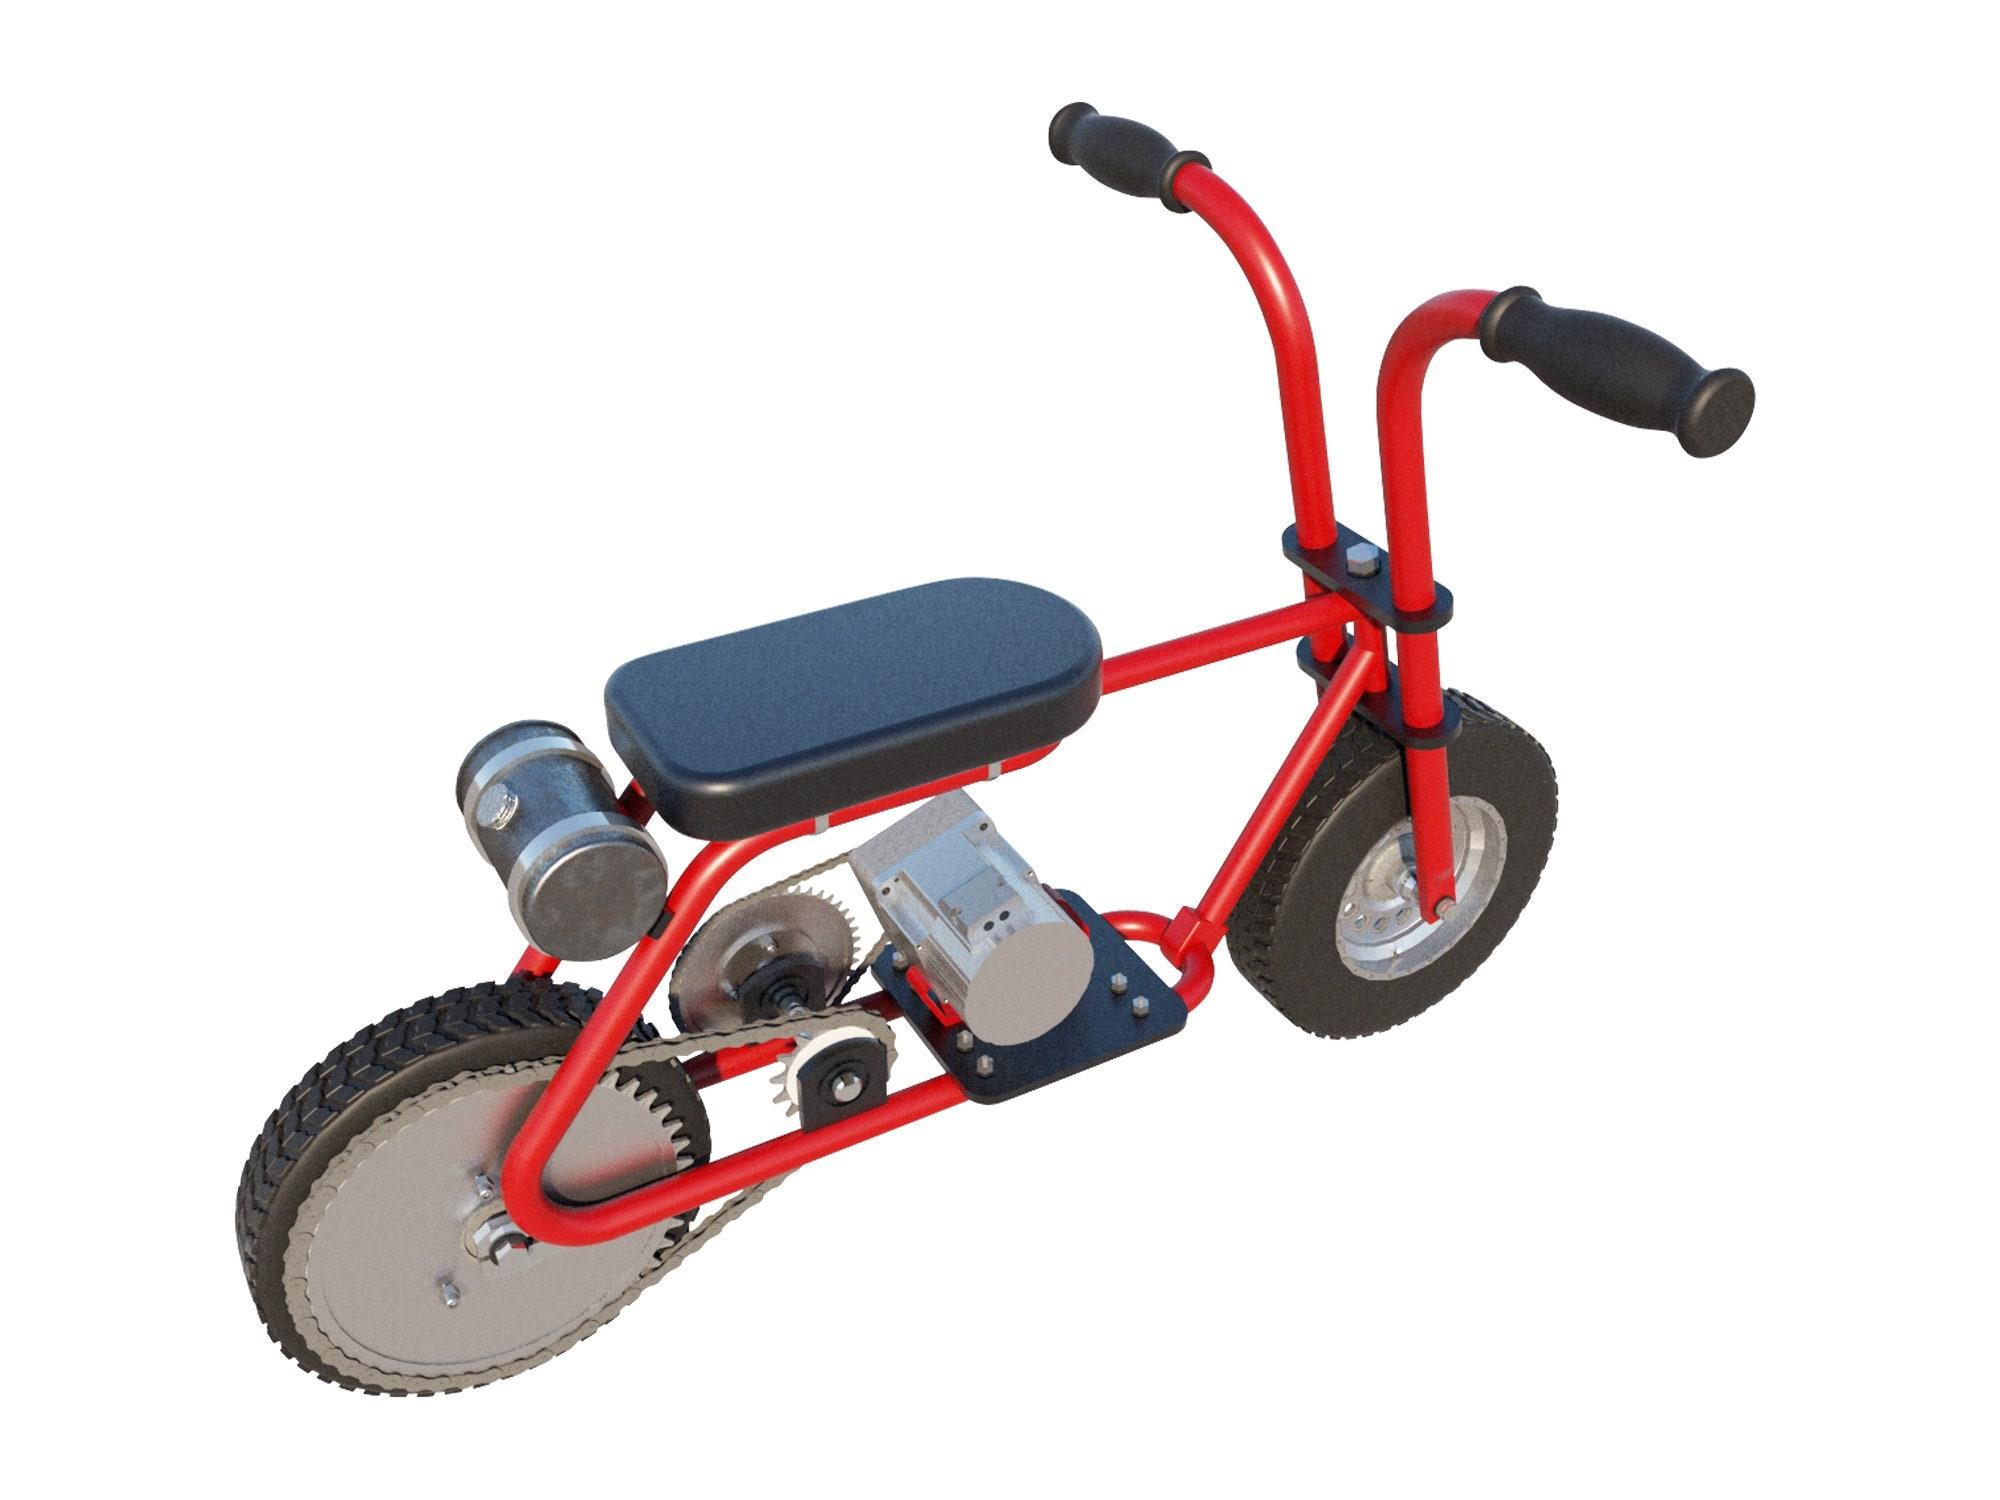 Ezgo Golf Cart Wiring Diagram Further Club Car Golf Cart Gas Engine In